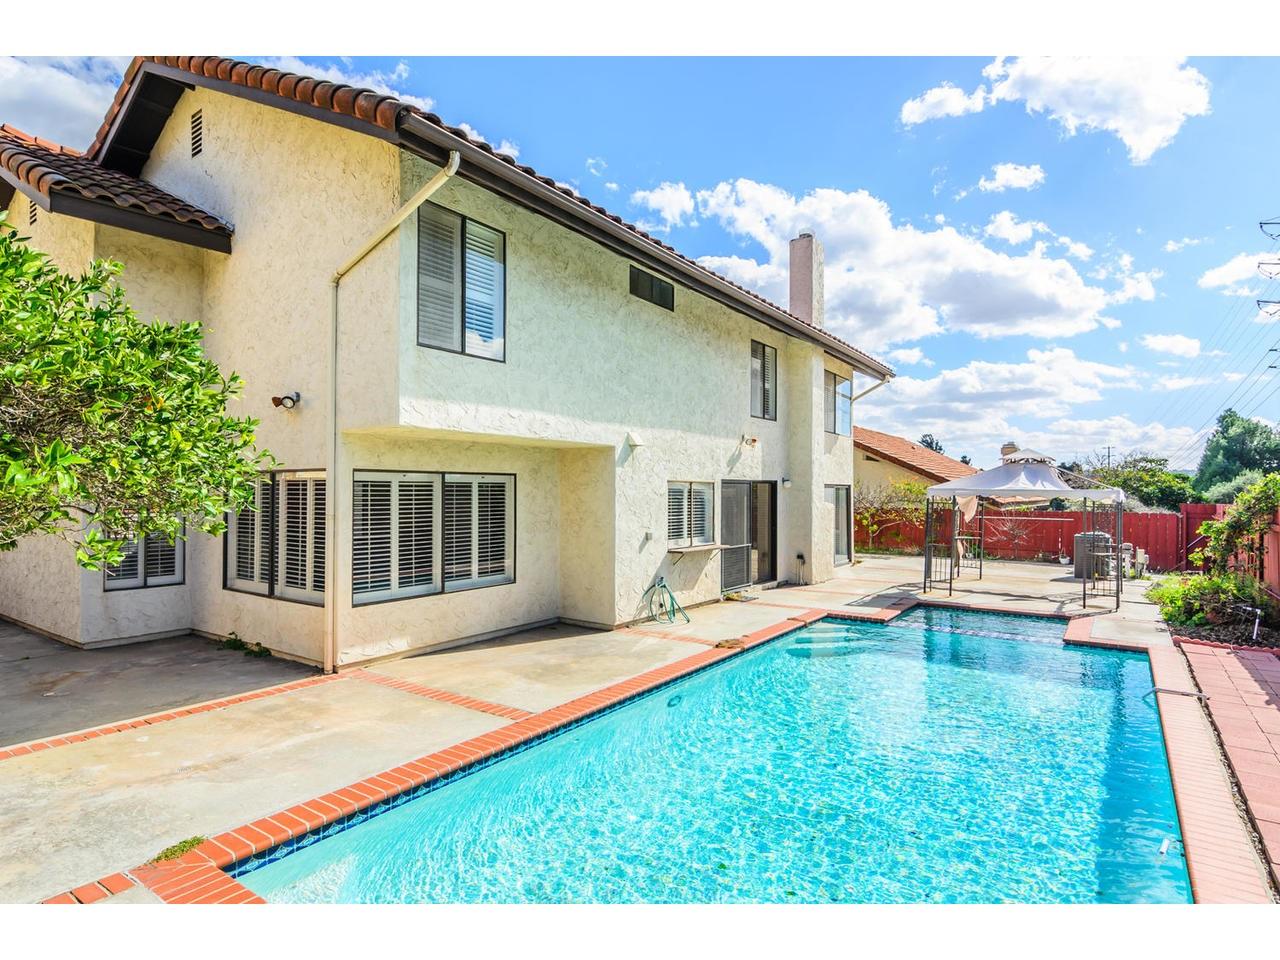 3236 Casa Bonita Dr, Bonita, CA